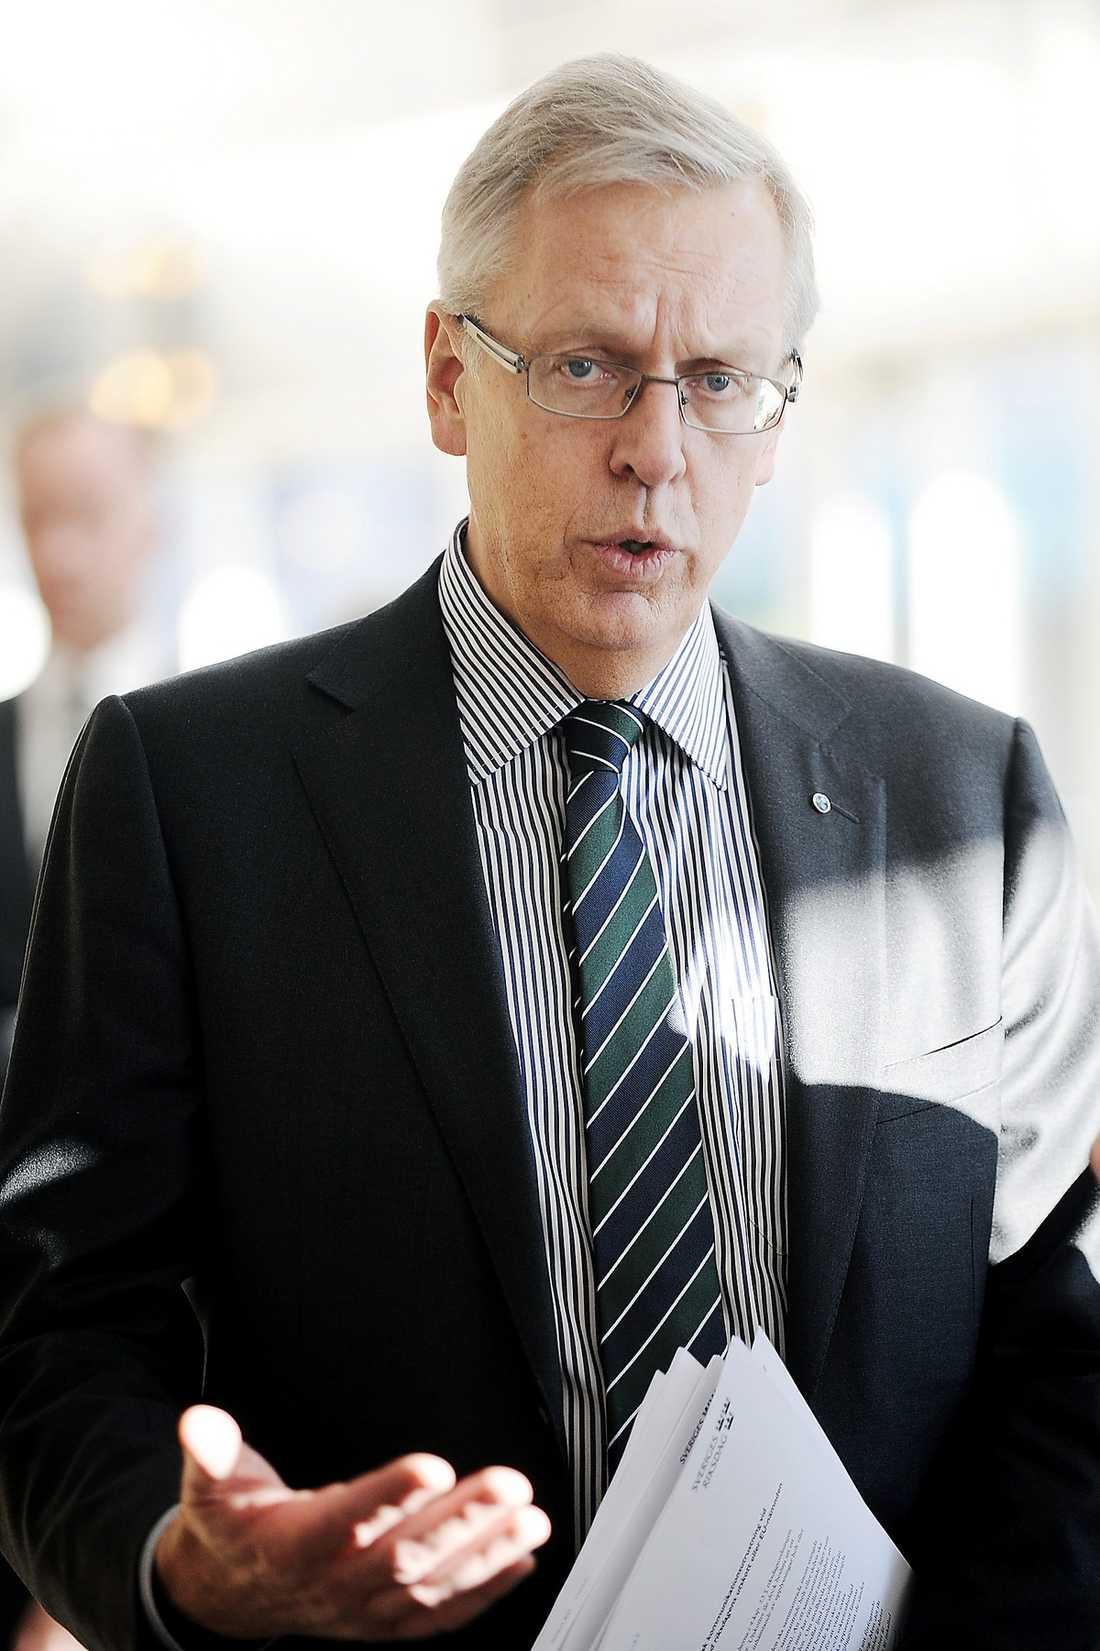 Mats Odell Position inom KD: Riksdagsledamot från Stockholms län, kommun- och finansmarknadsminister 2006–2010. Status: Har tidigare sagt att han bara tänker ställa upp om Hägglund vill lämna sin post, men har nu vänt om och säger att han ska fundera över nomineringen.